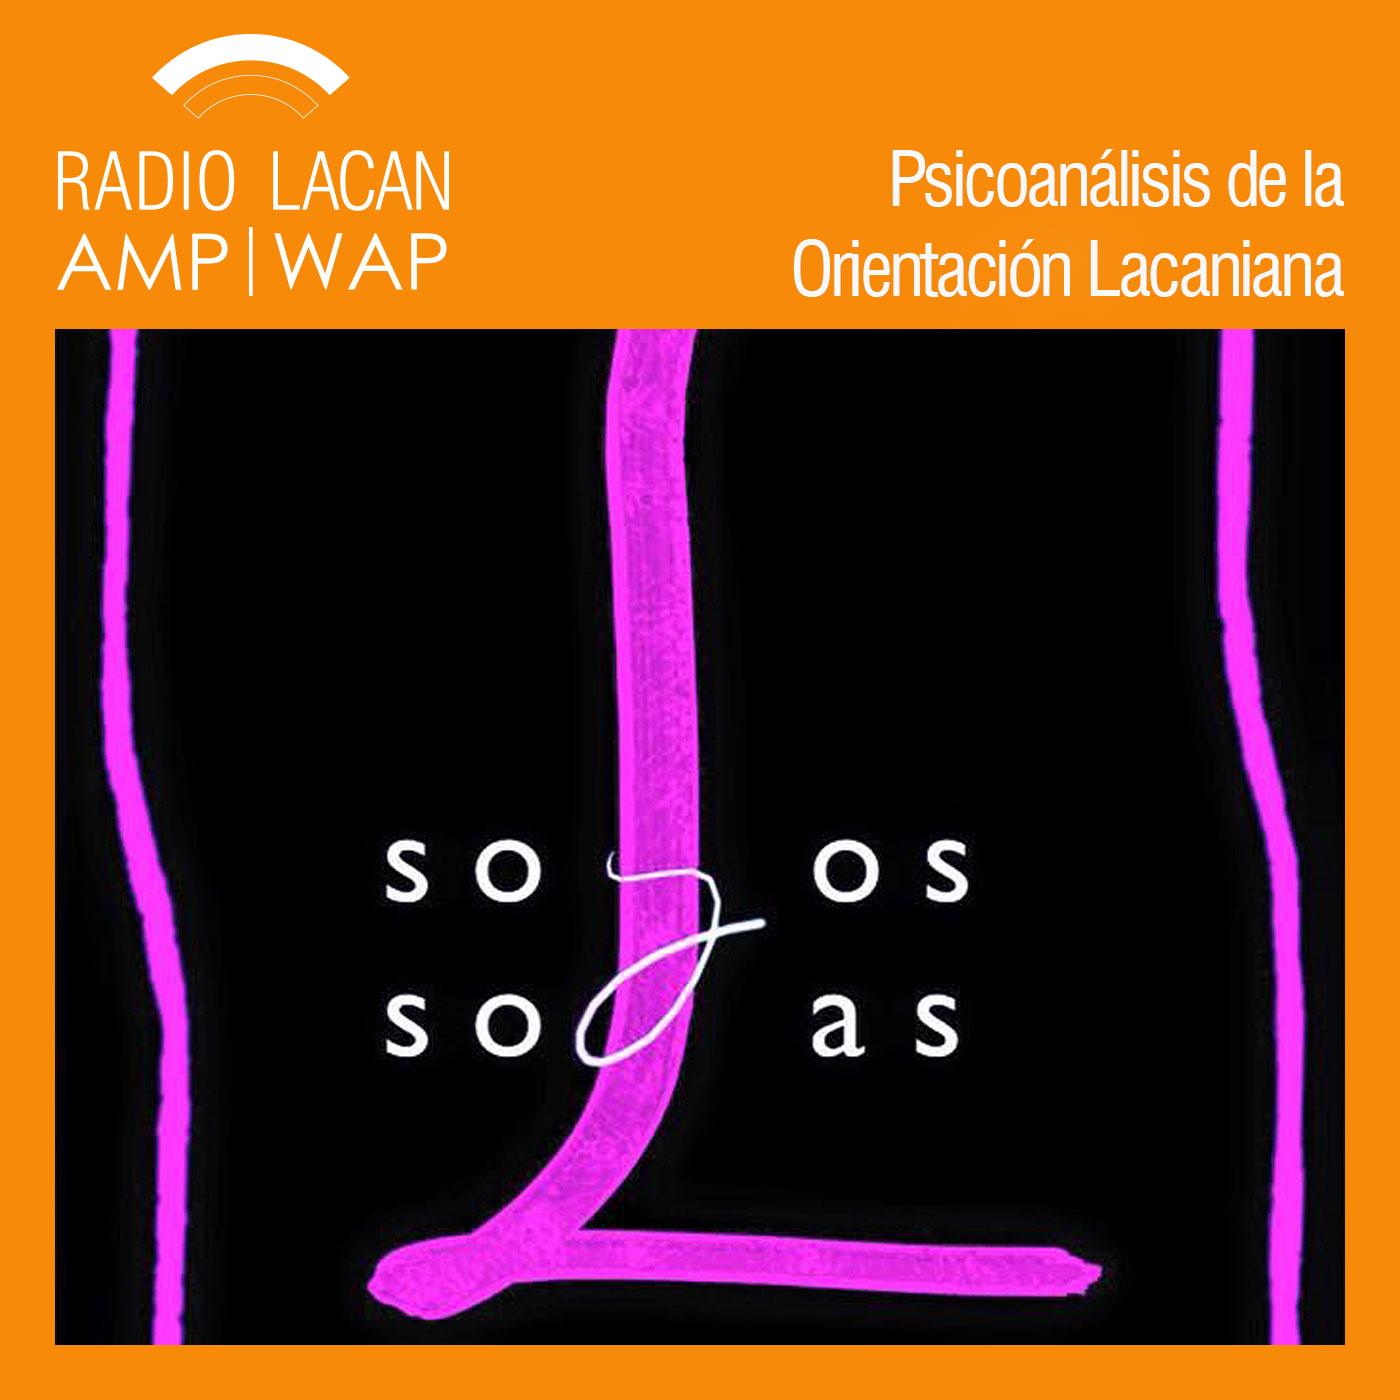 RadioLacan.com | <![CDATA[Conversación con María: Una monja de clausura. Entrevista a Miquel Bassols]]>